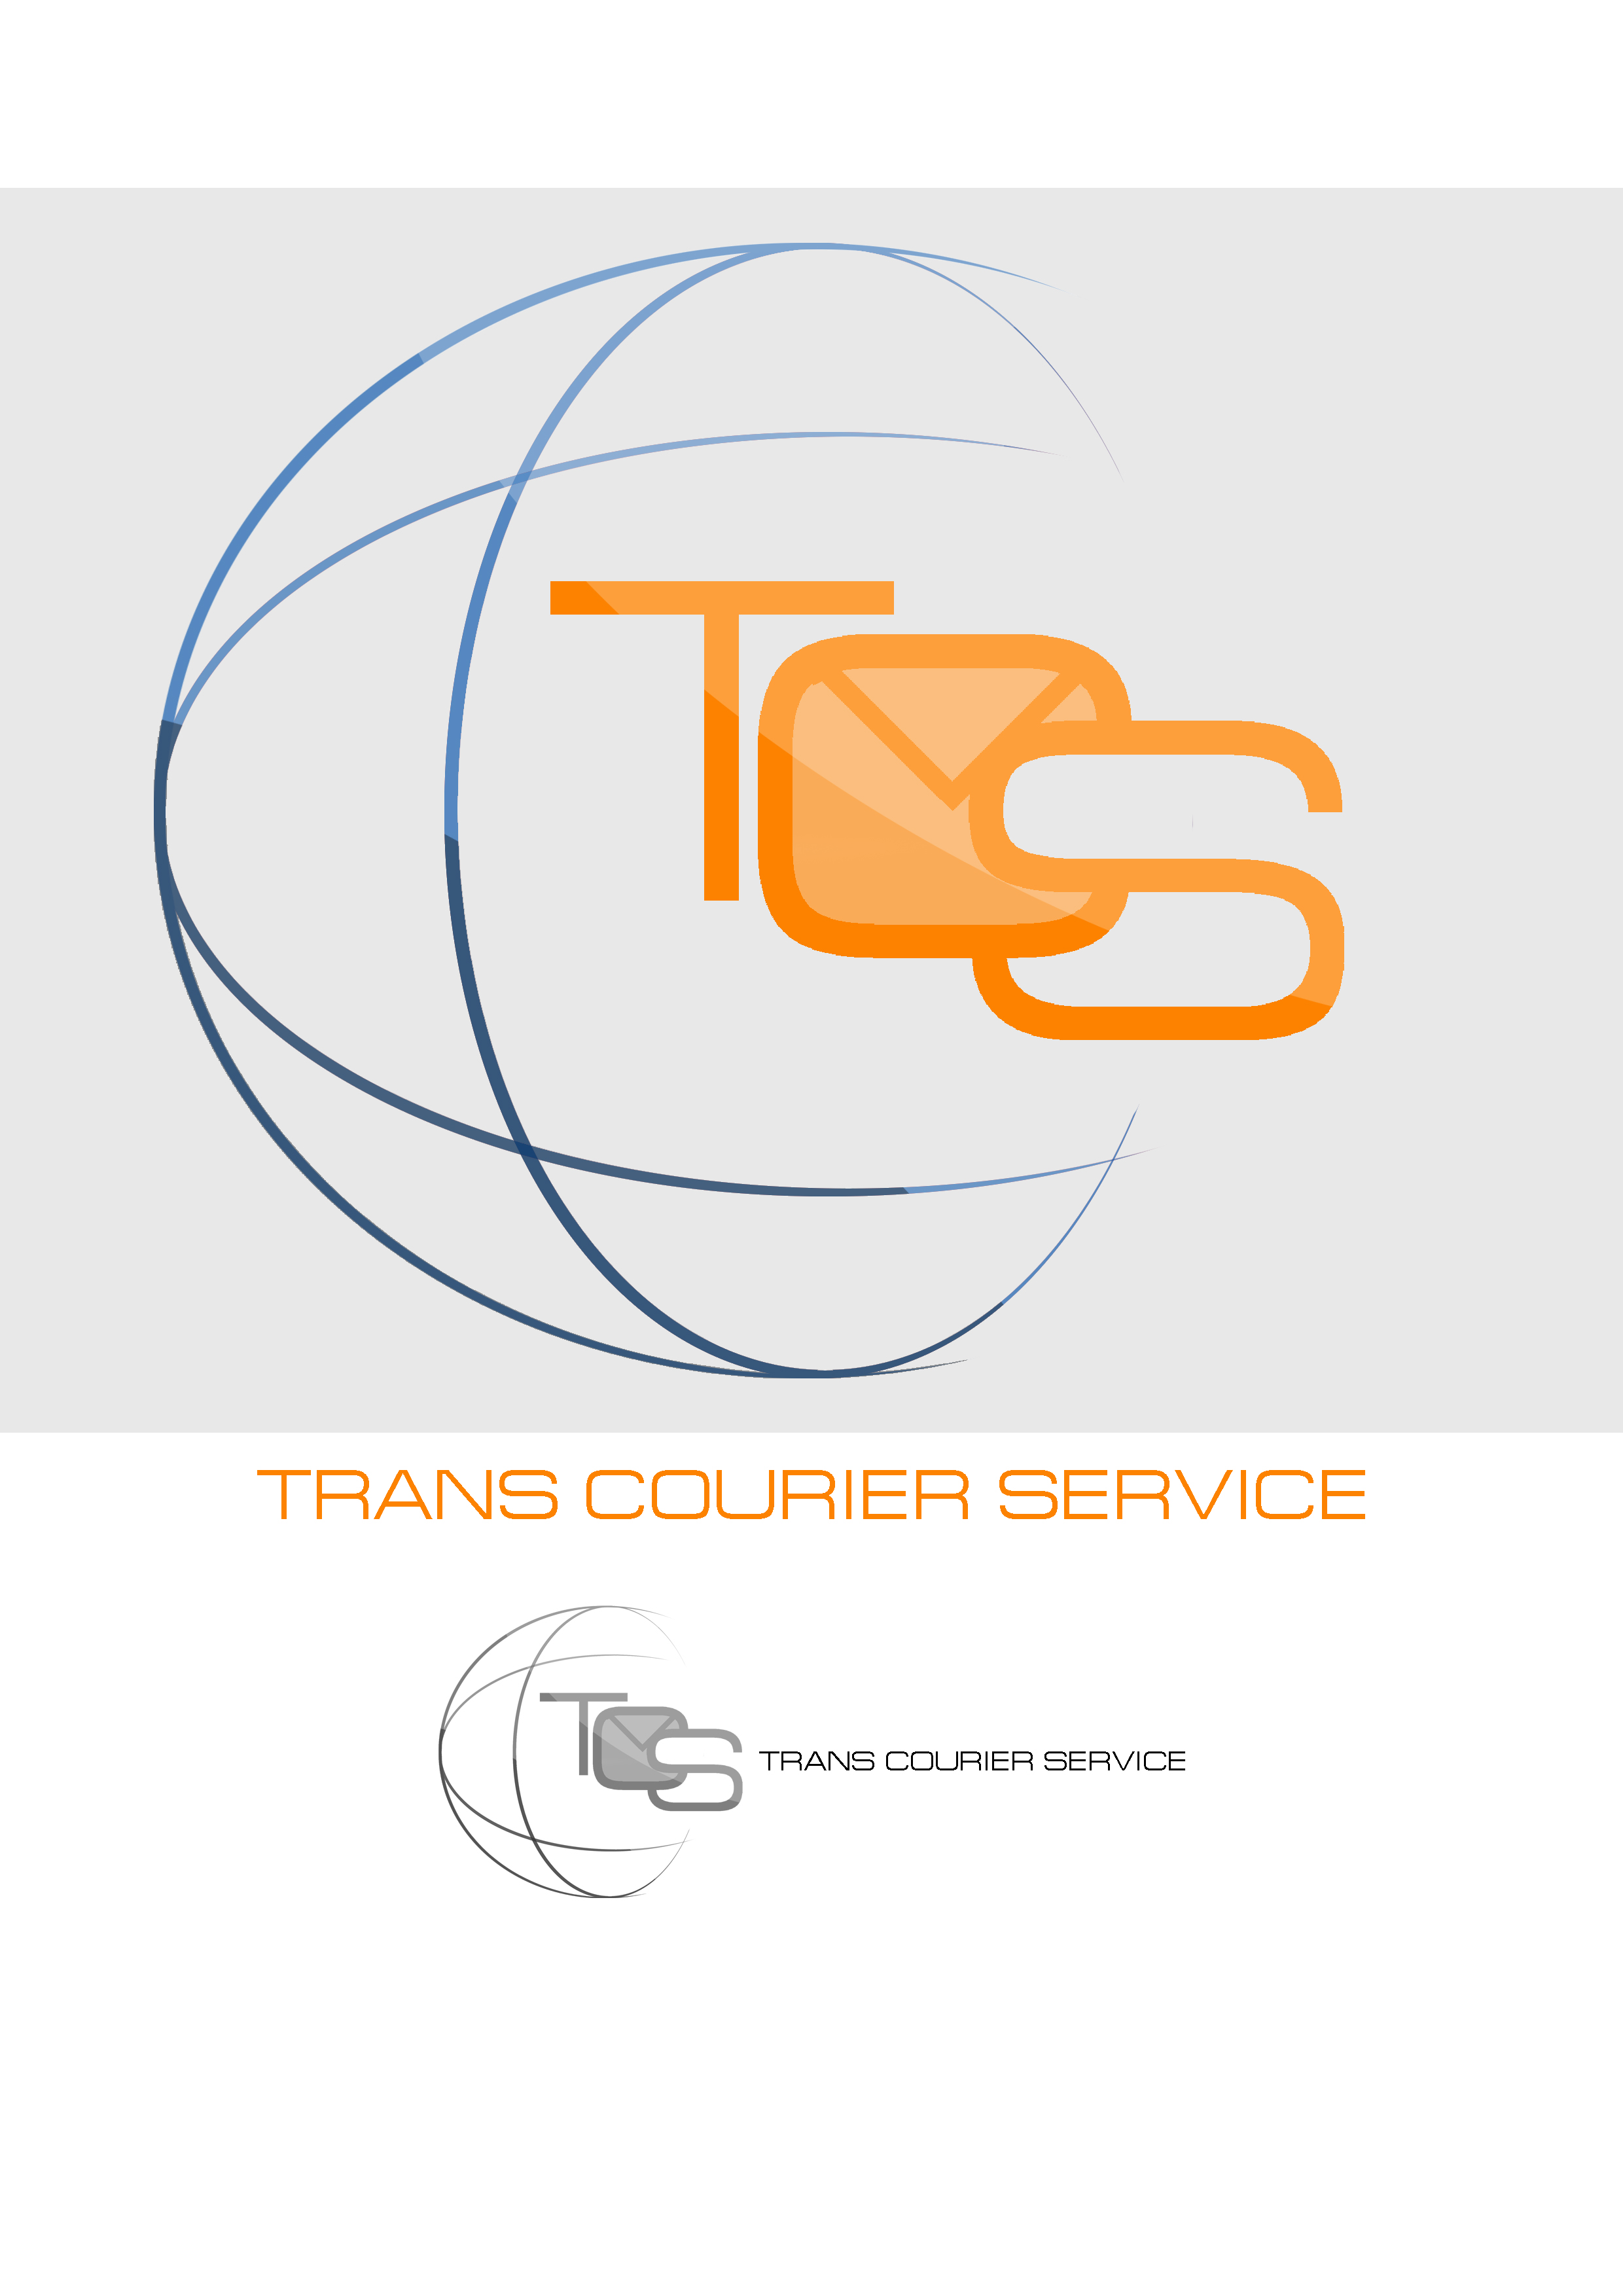 Разработка логотипа и фирменного стиля фото f_04850b0d17156fbb.jpg